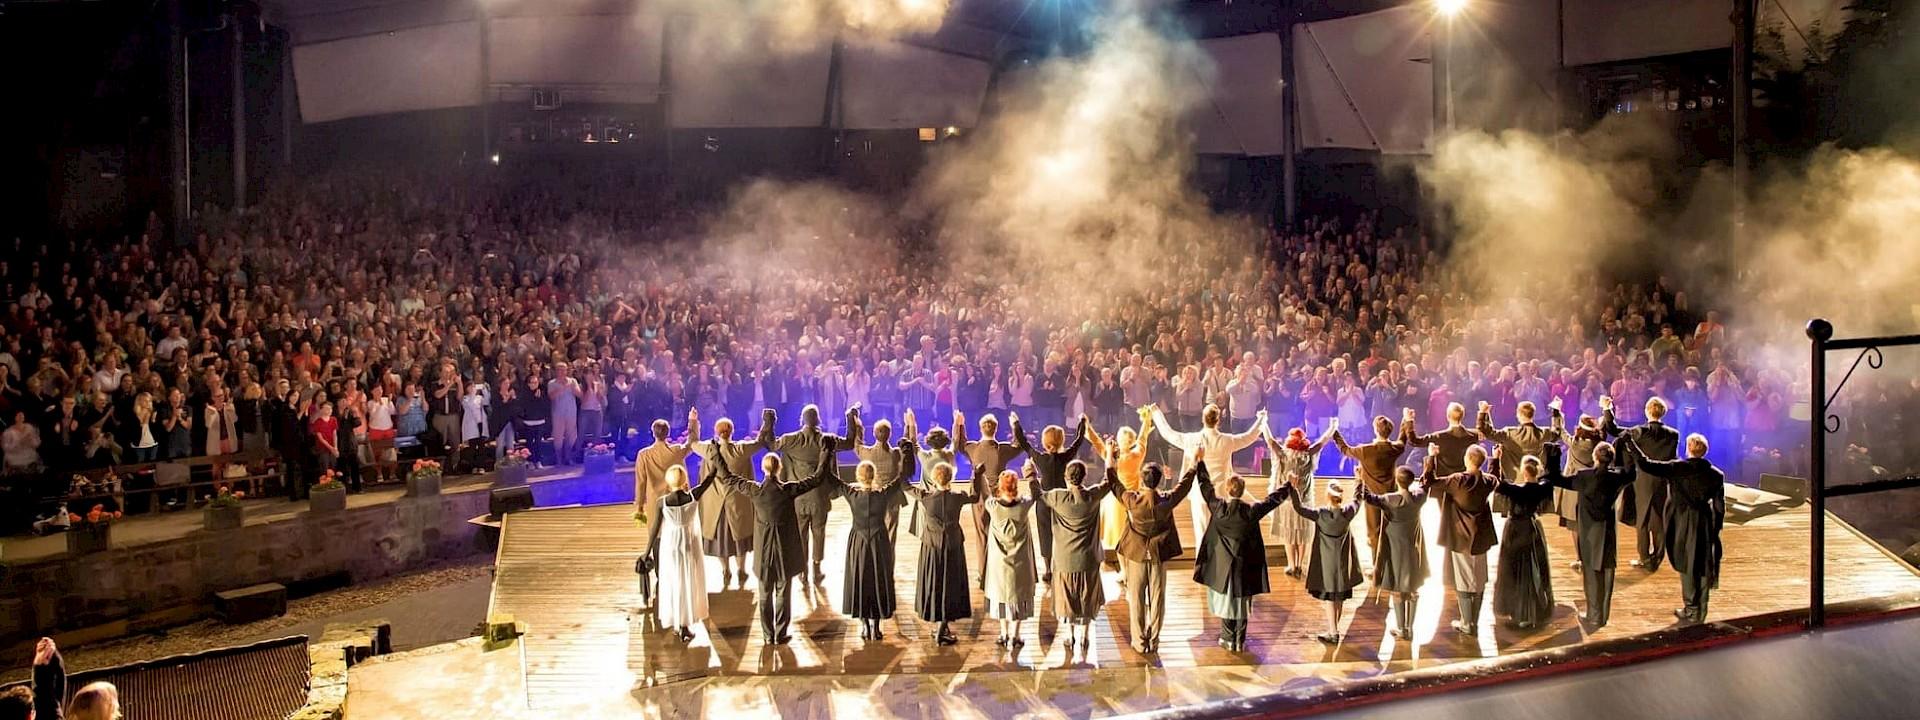 Große Momente - traumhafte Stimmung Freilichtbühnen im Münsterland